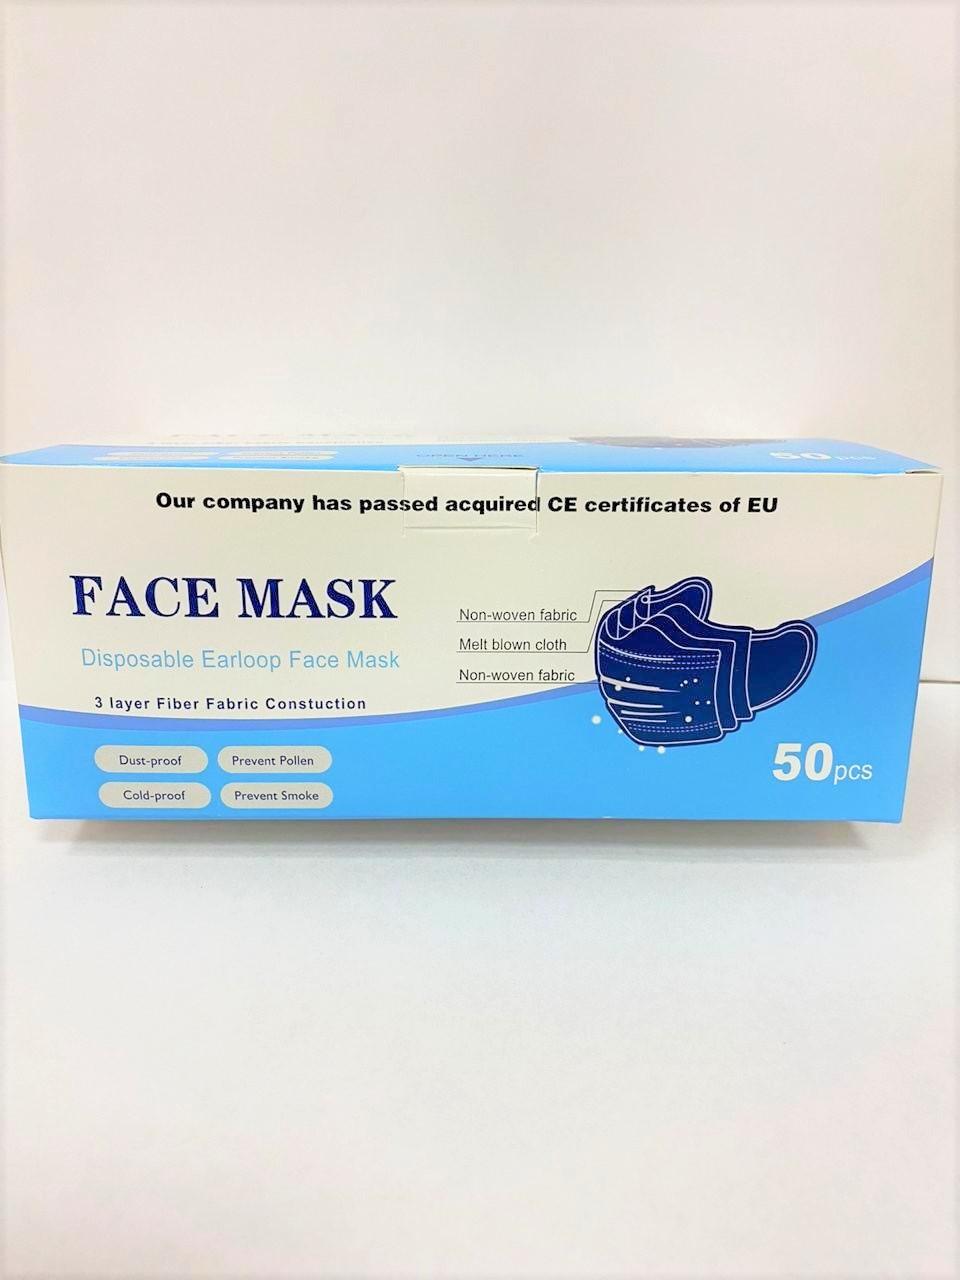 Face Masks - 1 box of 50pcs